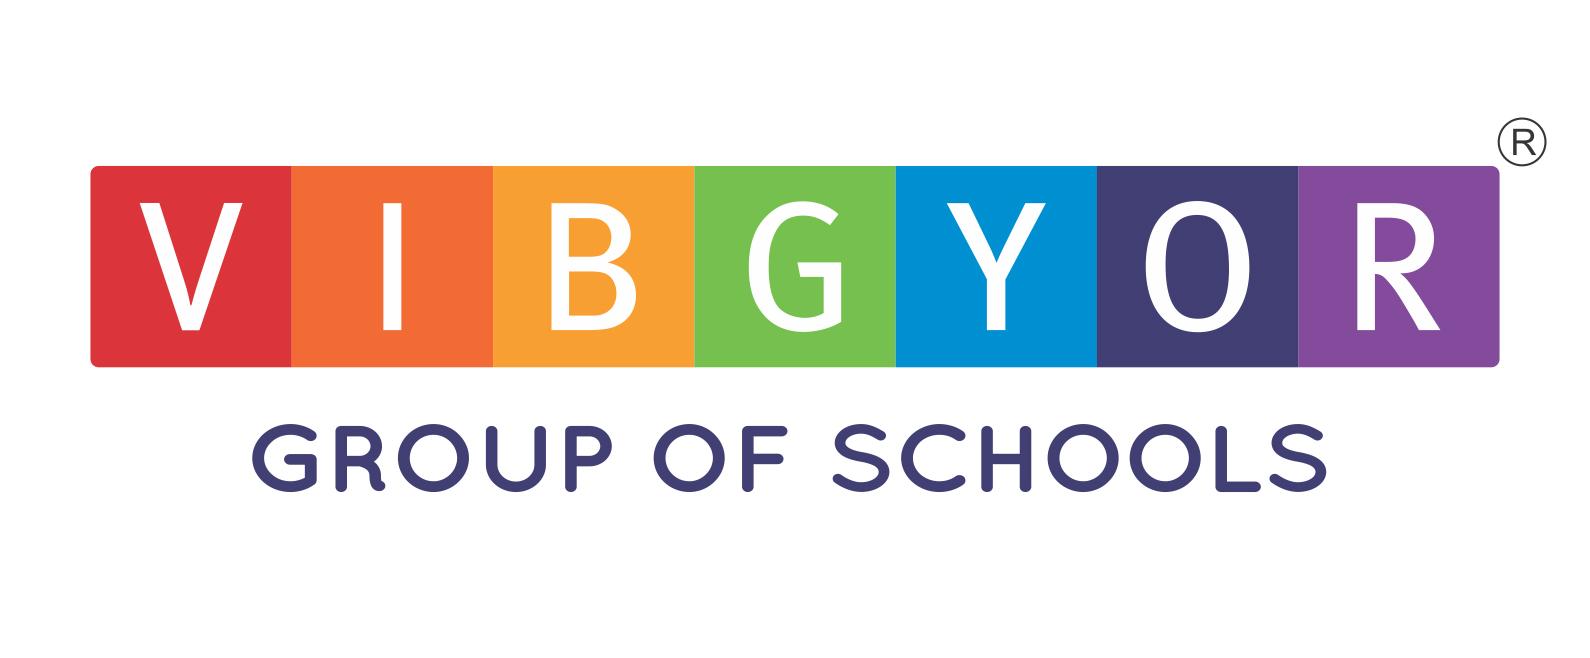 VIBGYOR-logo_new